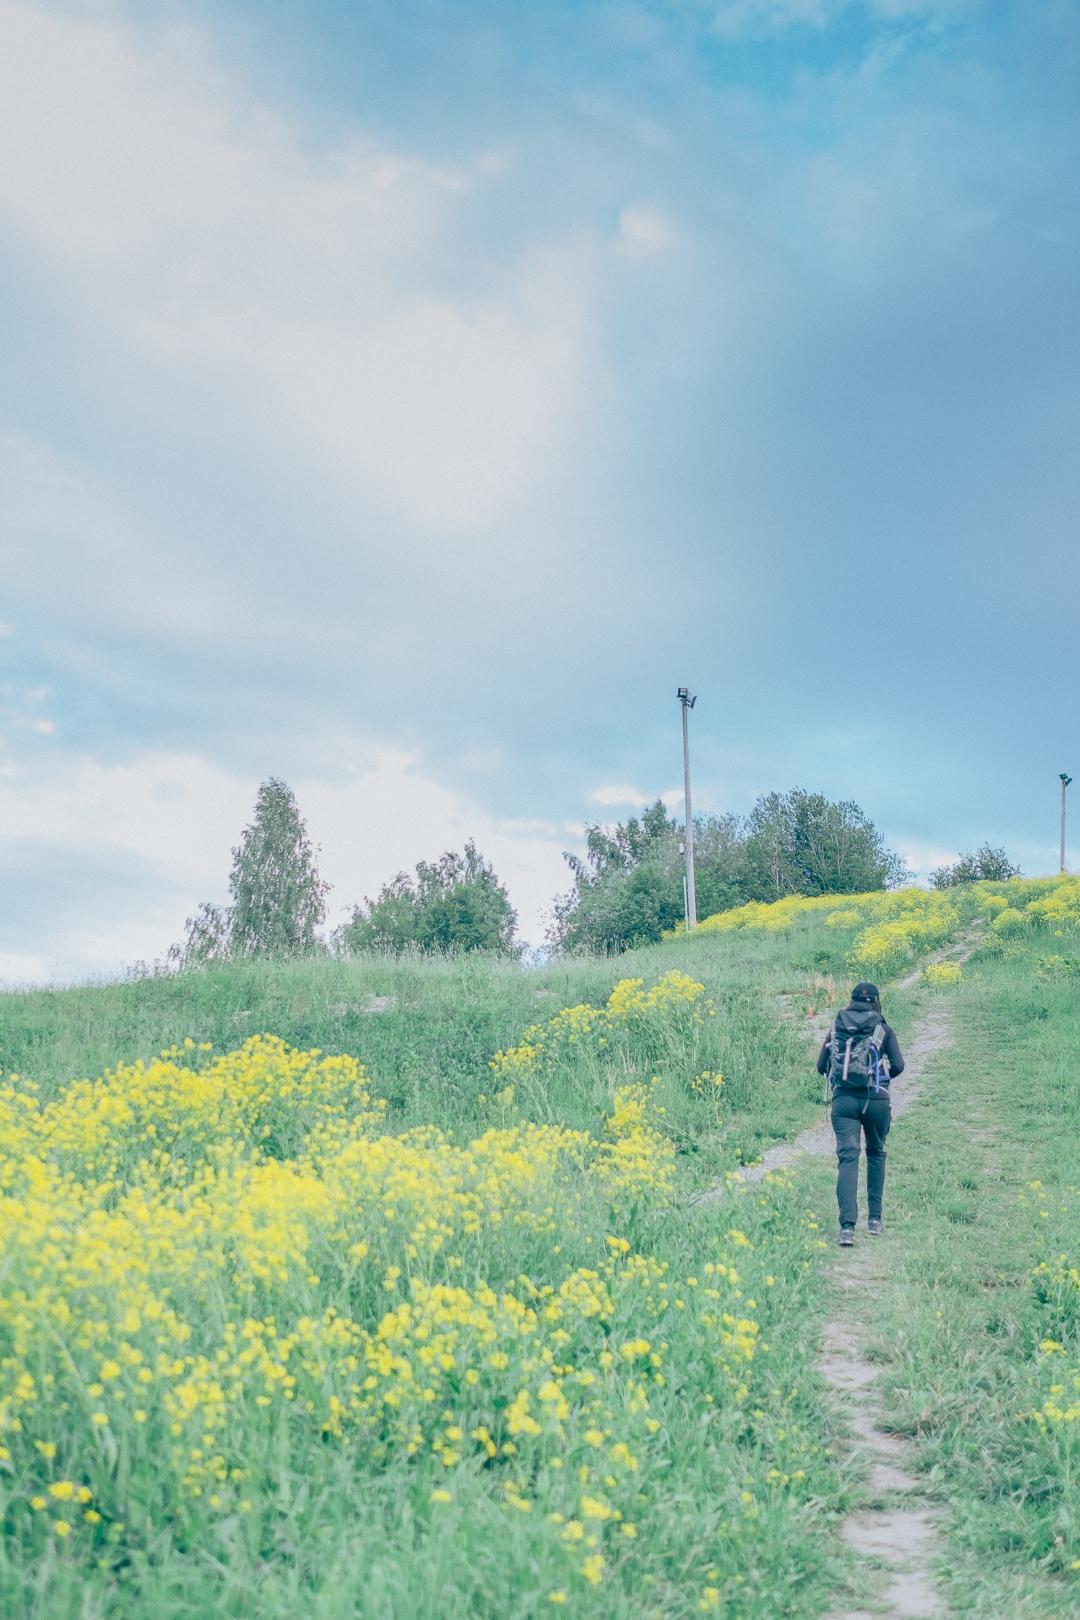 170619_hus30_fotograf_ulrica_hallen_fujifilm_xt2_xf23mm_vandringsbloggen_kvinnligaaventyrare_vandringstraff-9951